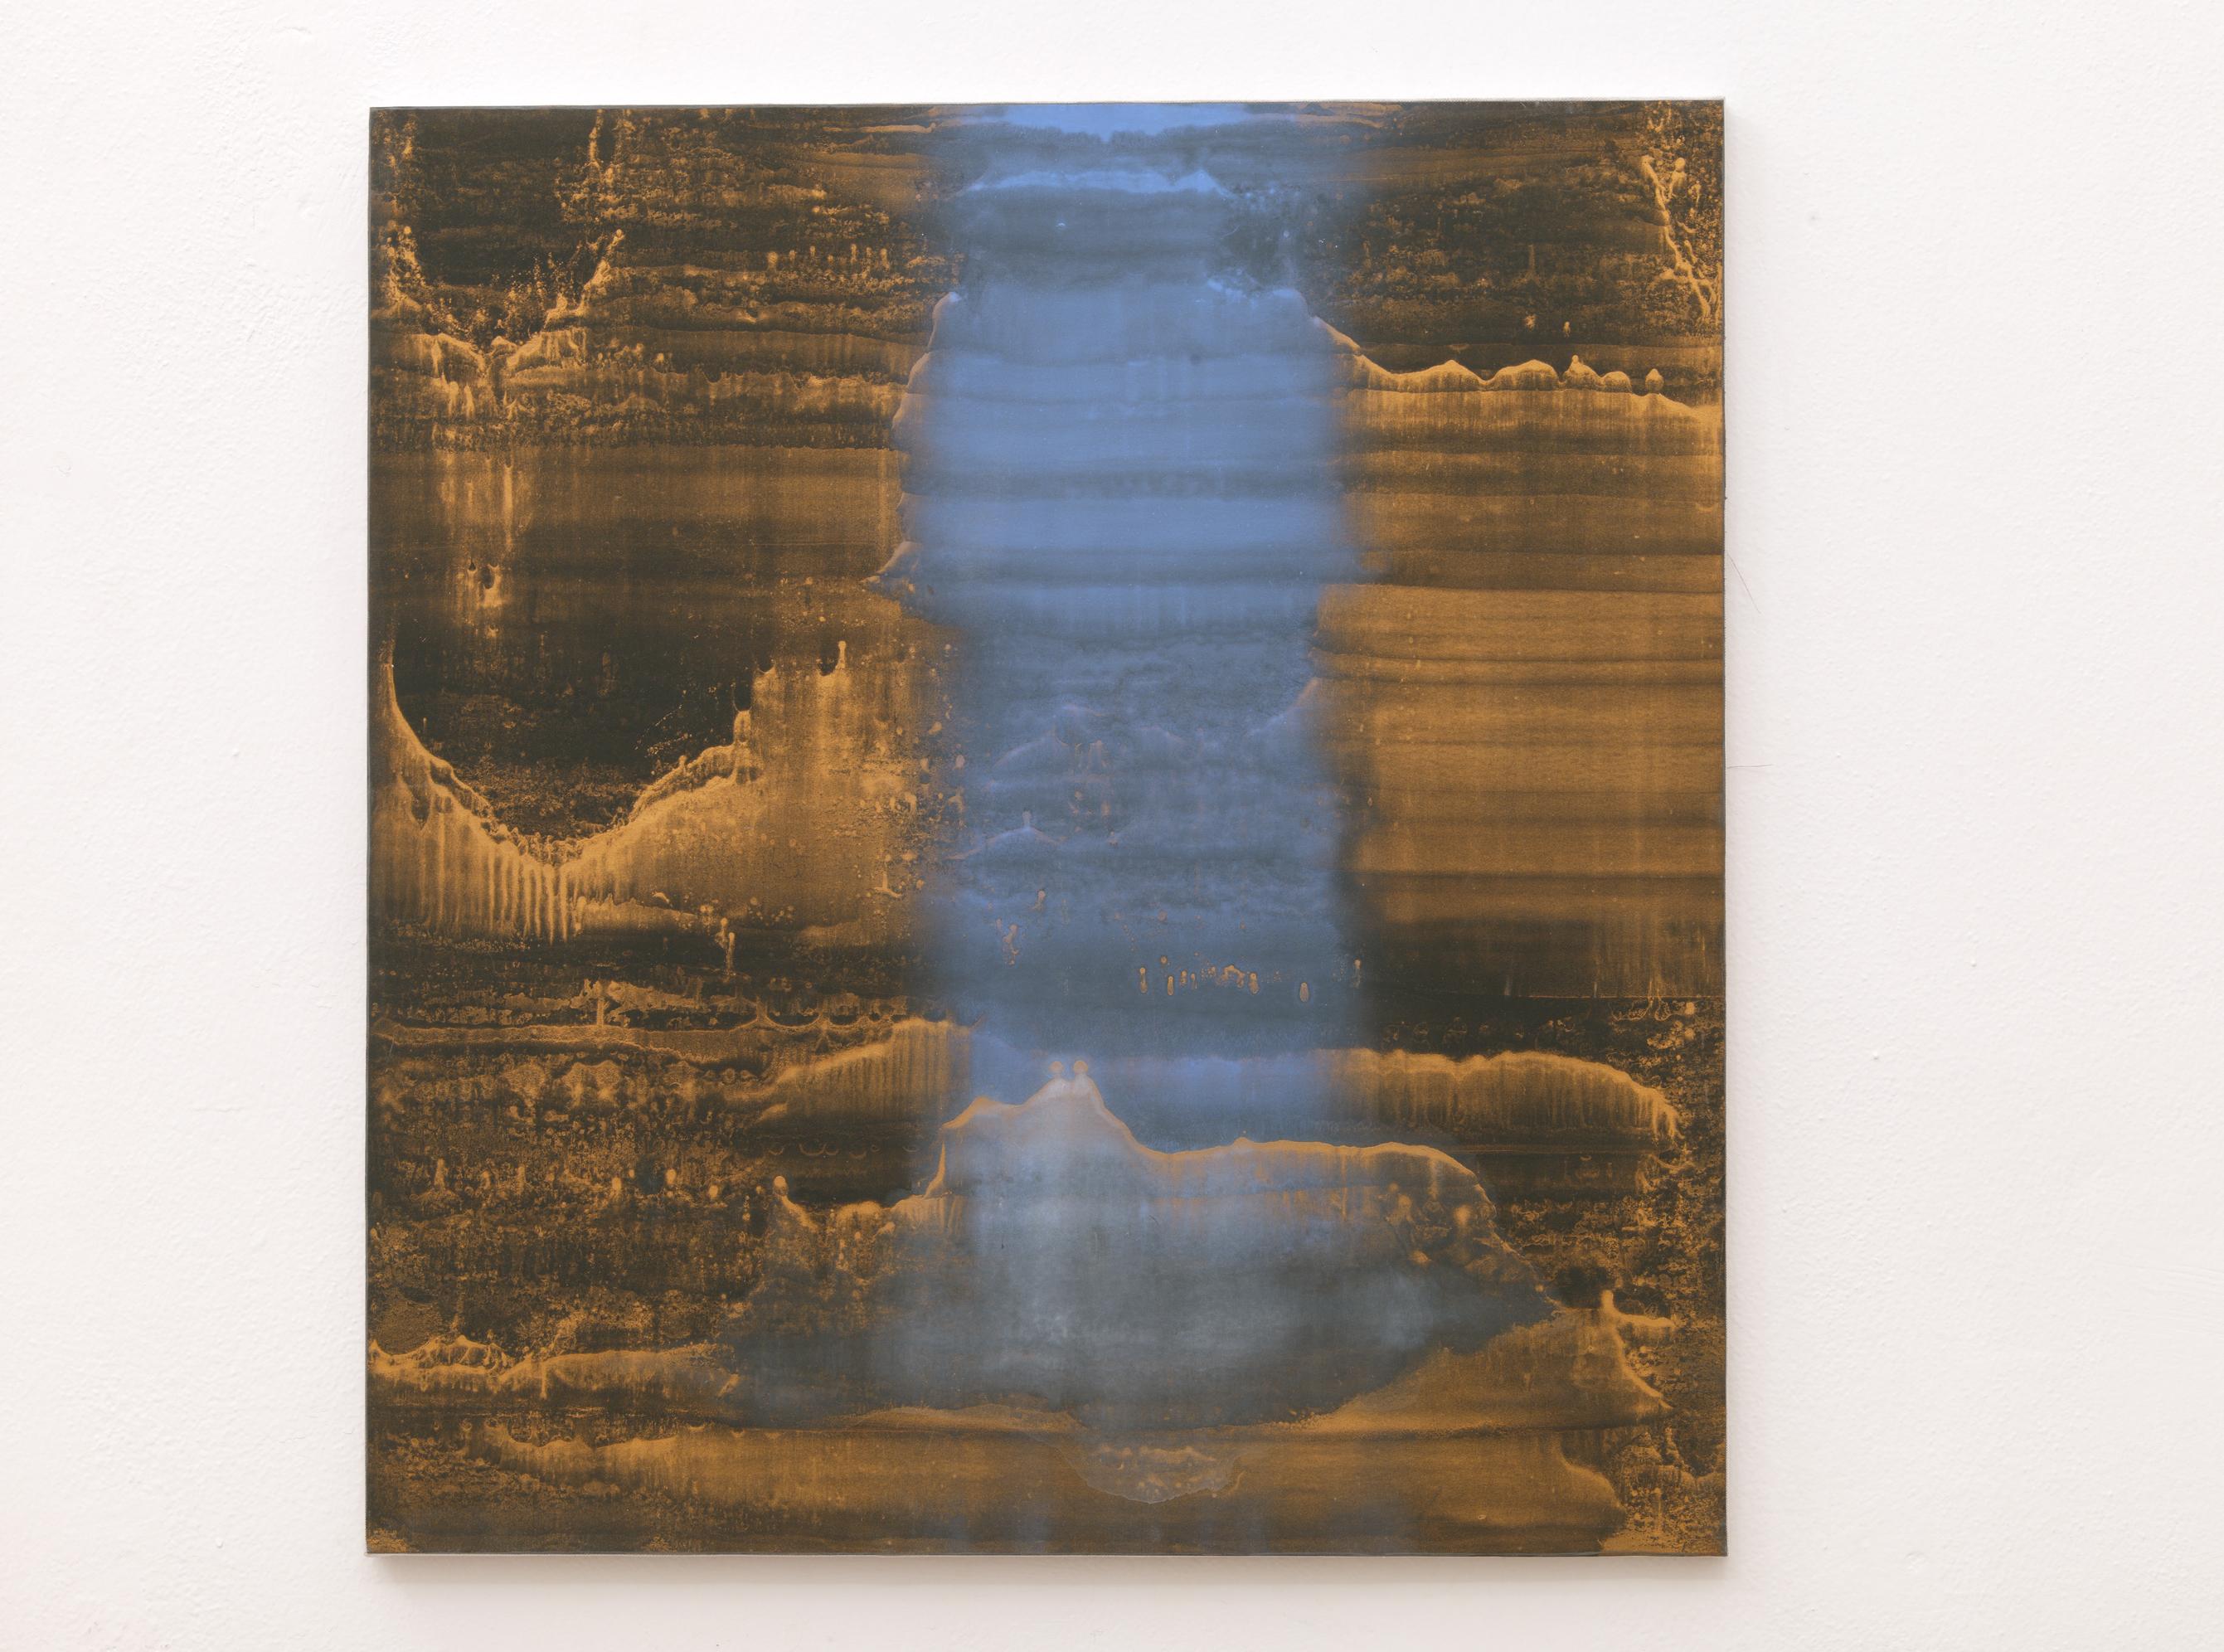 Matteo Montani, Dimora, 2013, olio e polvere d'ottone su carta abrasiva intelata, cm 80x75